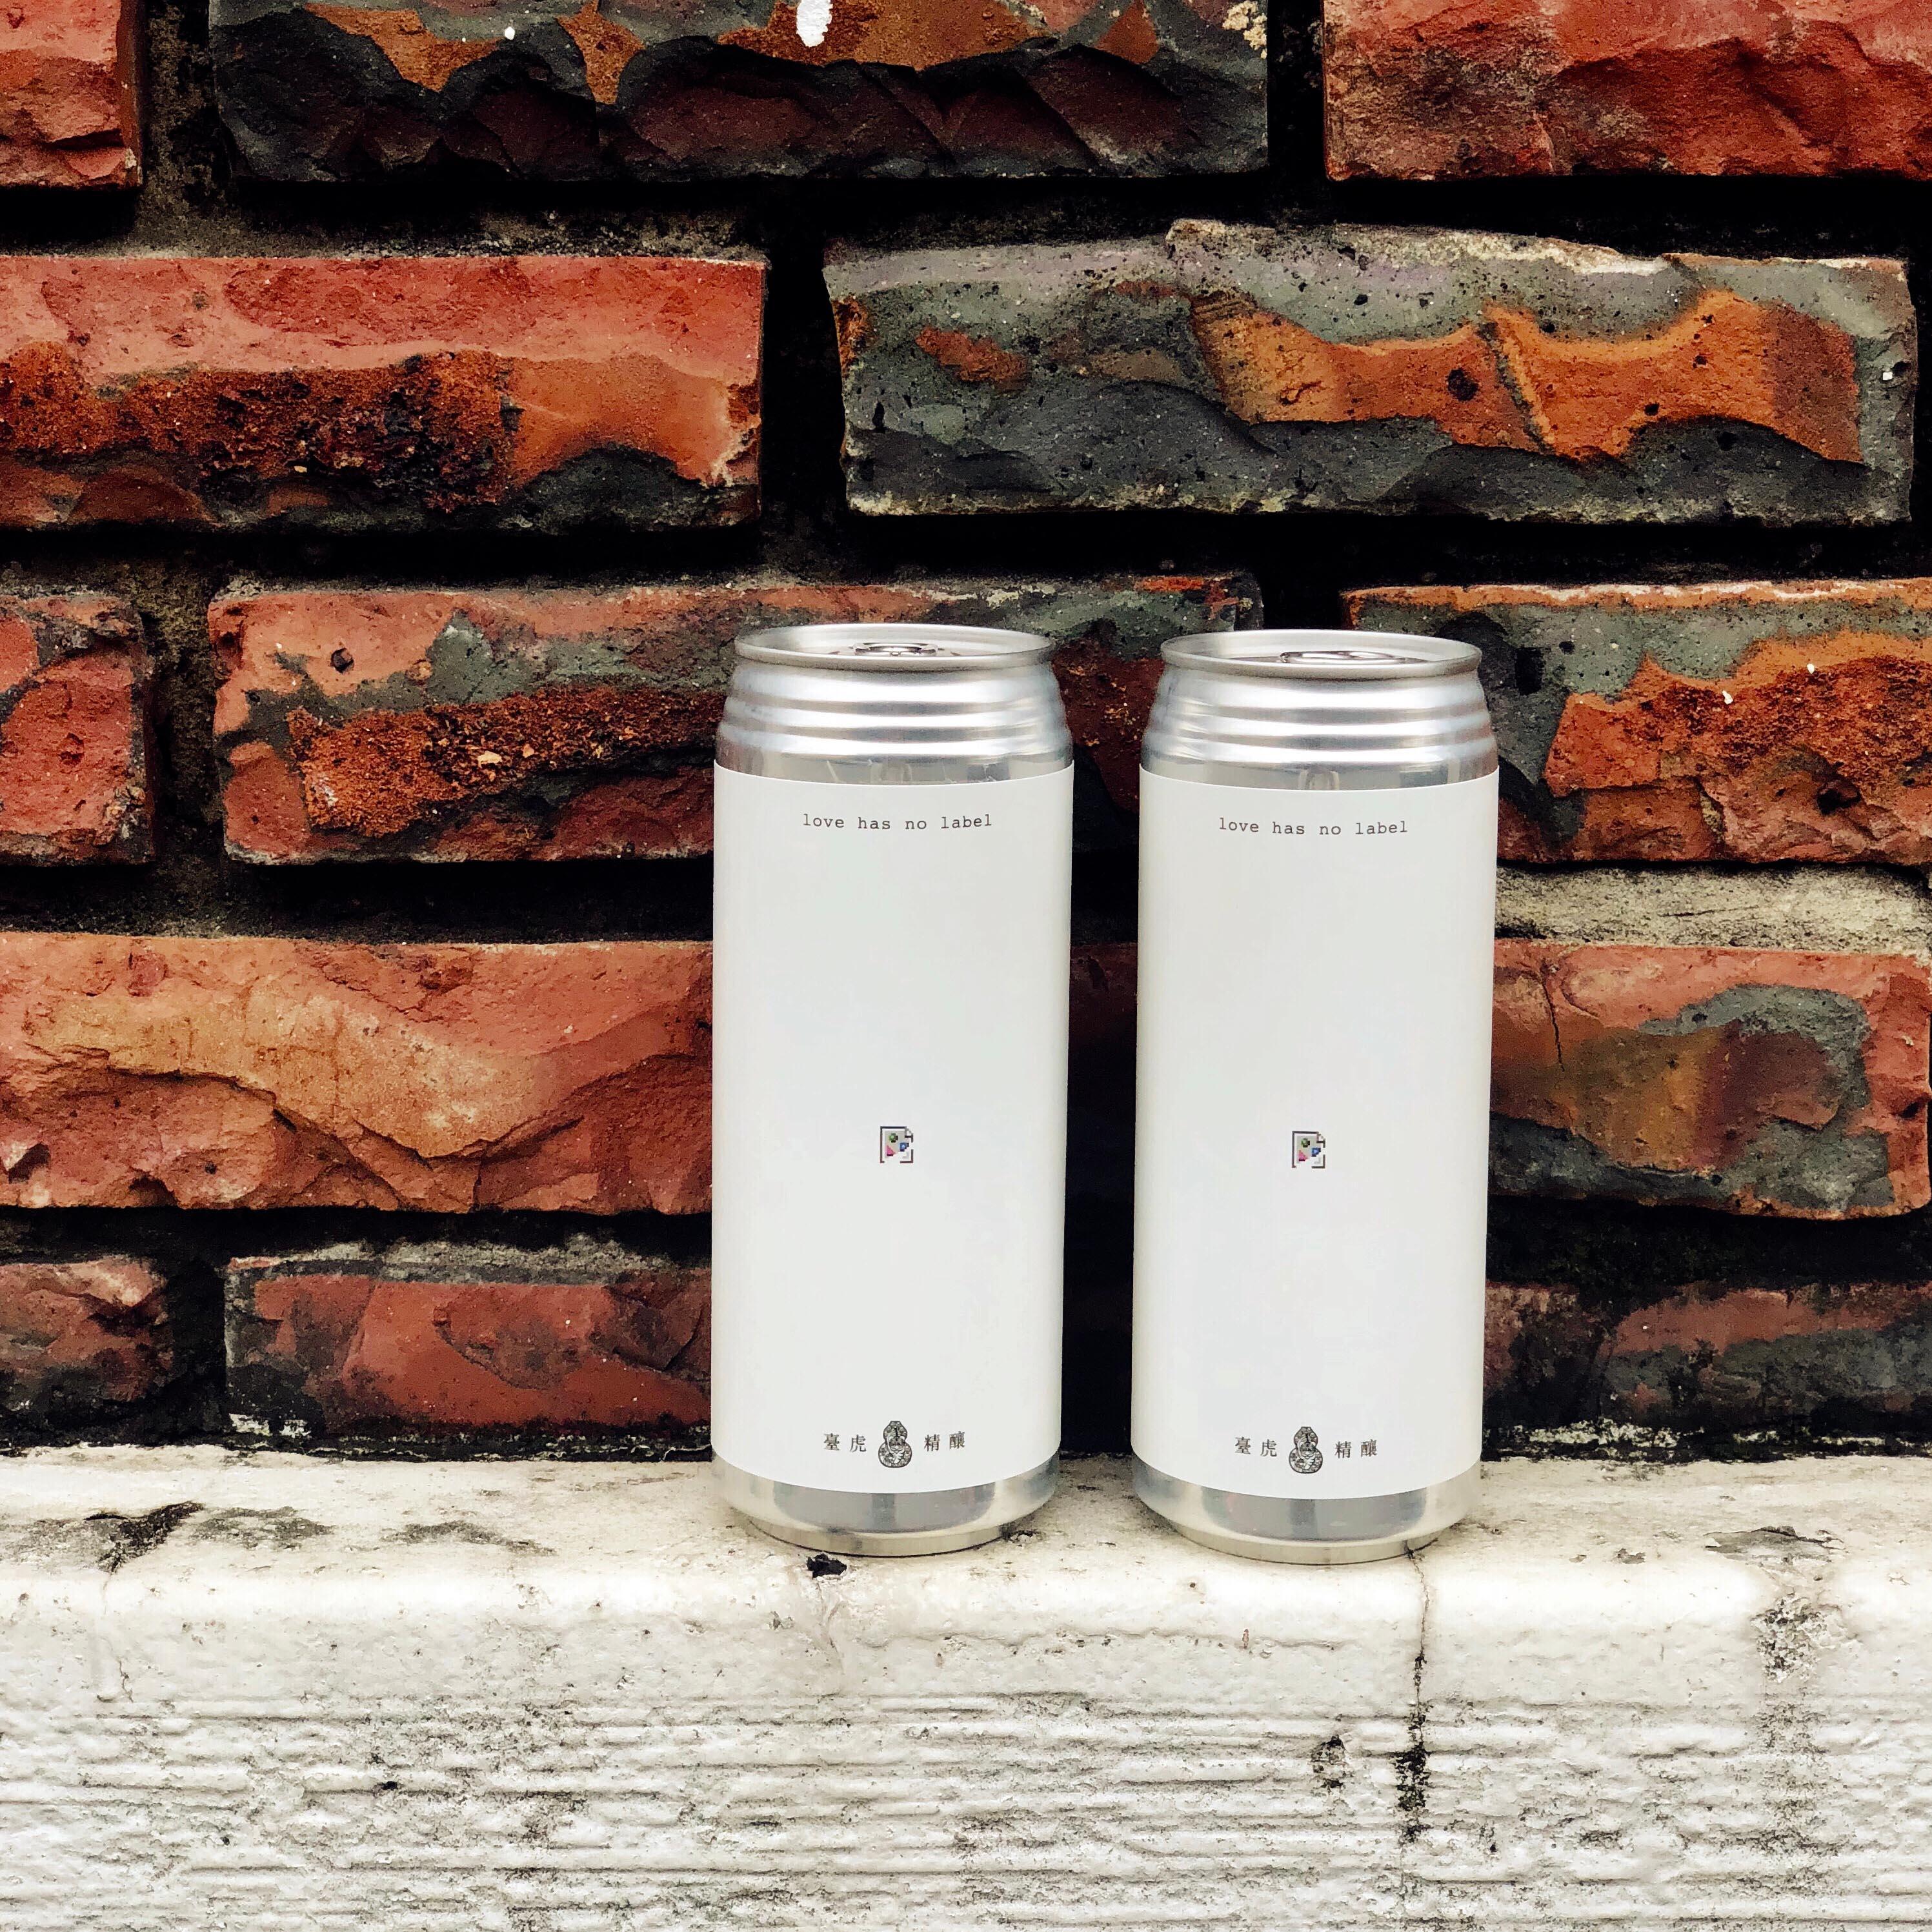 台北.啤酒|連酒標都不印!十月限定荔枝啤酒 留白包裝的原因是…